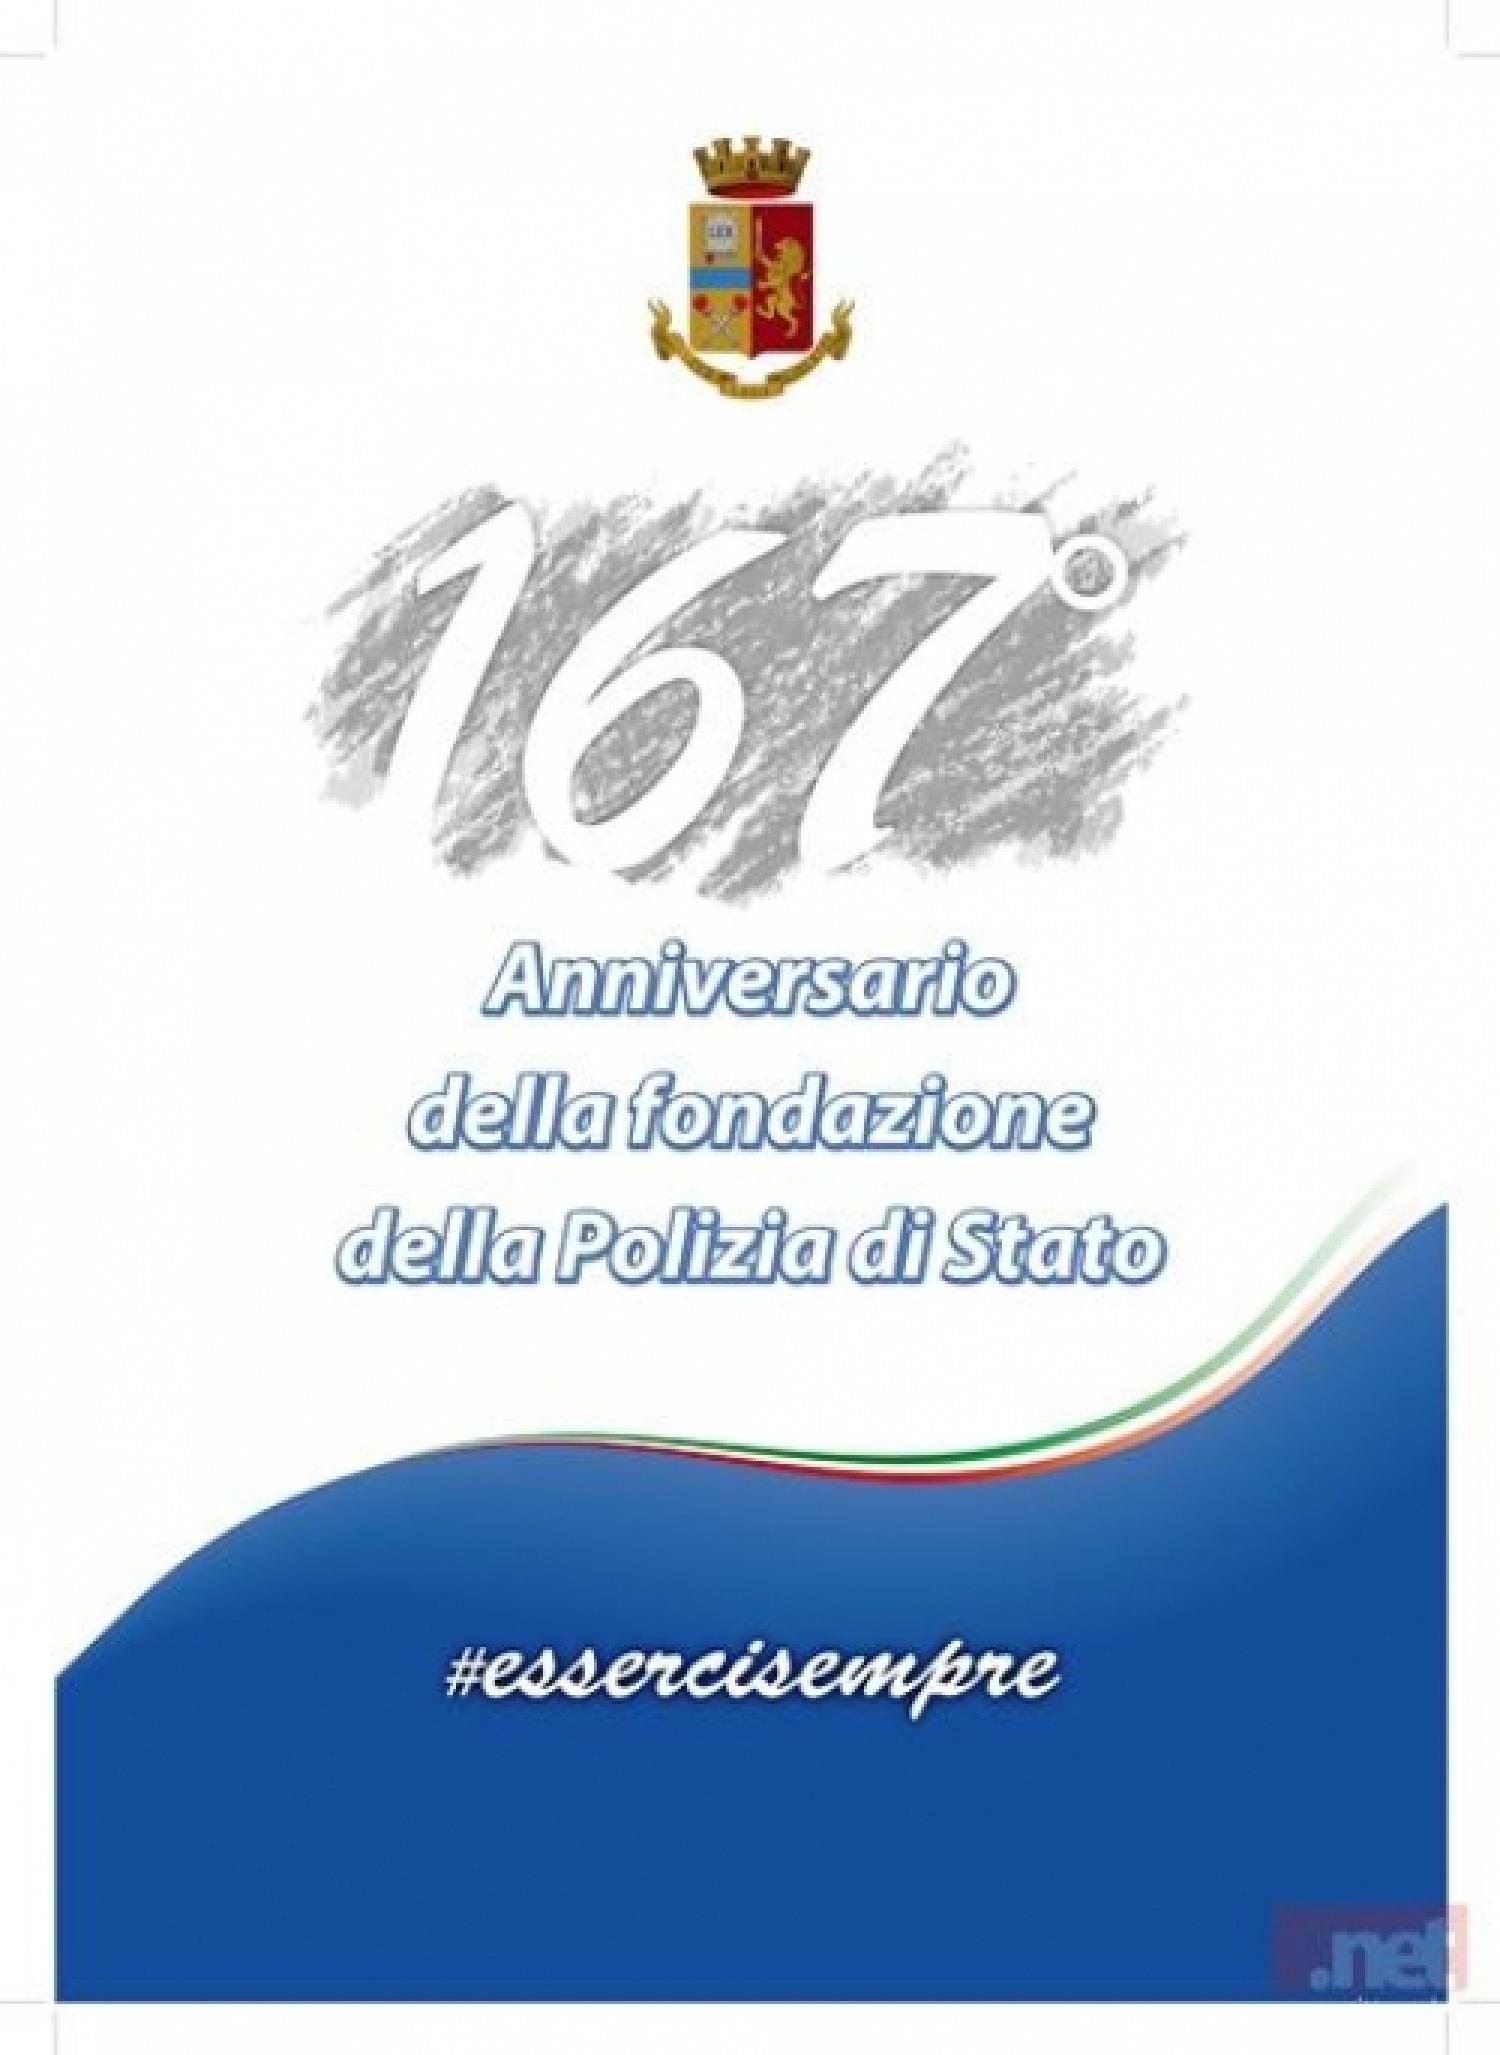 Locandina-167-Anniversario.jpg